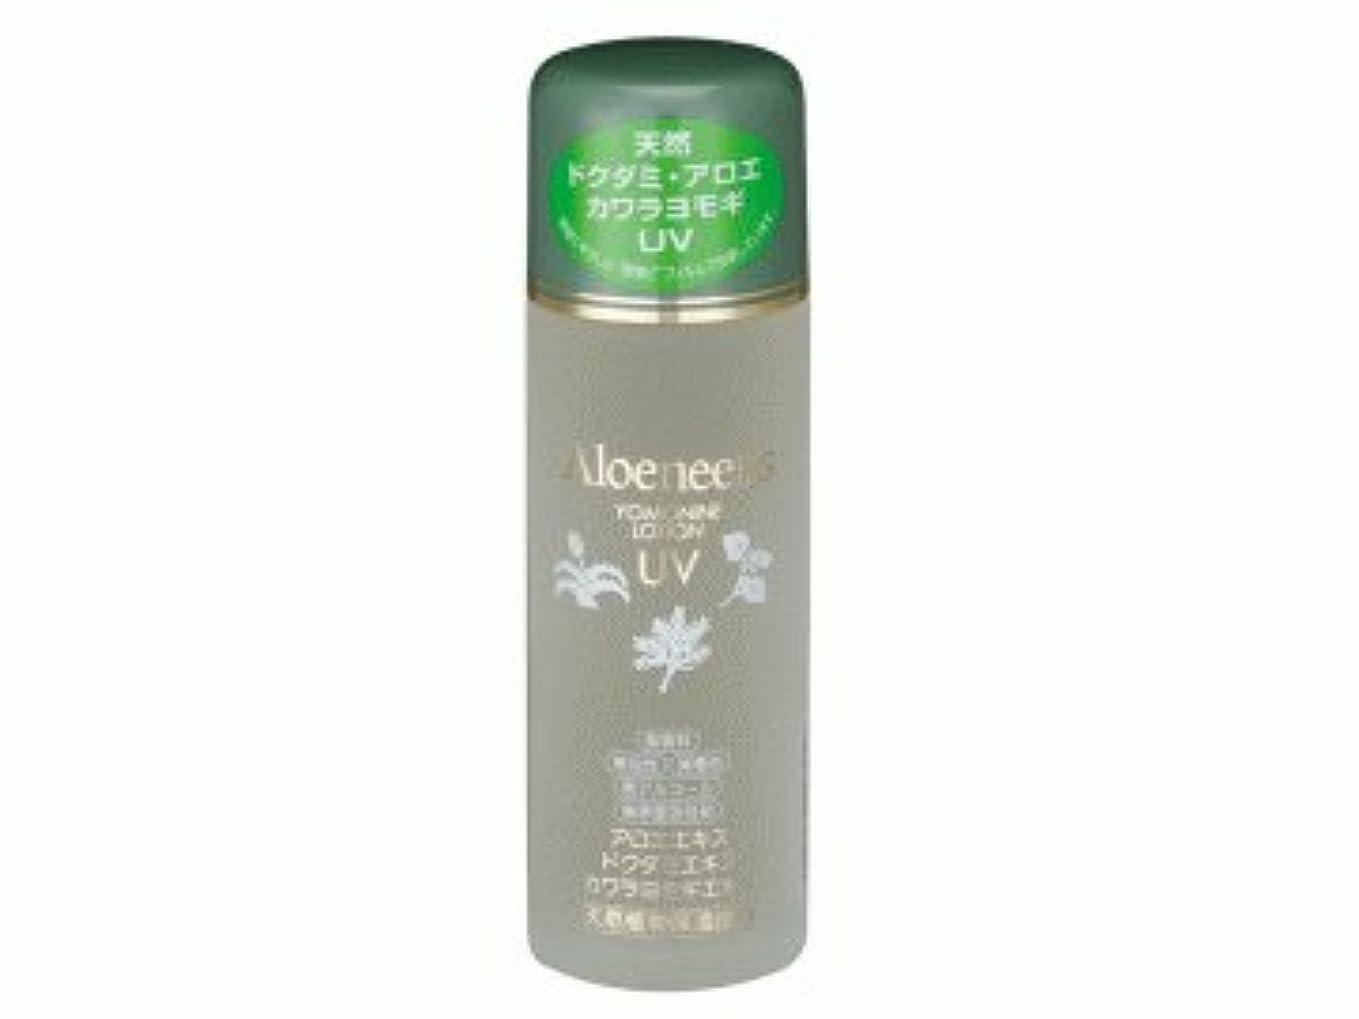 議題評価可能侵略Aloeneeds アロニーズ ヨモニンローションUV (化粧水) 120ml